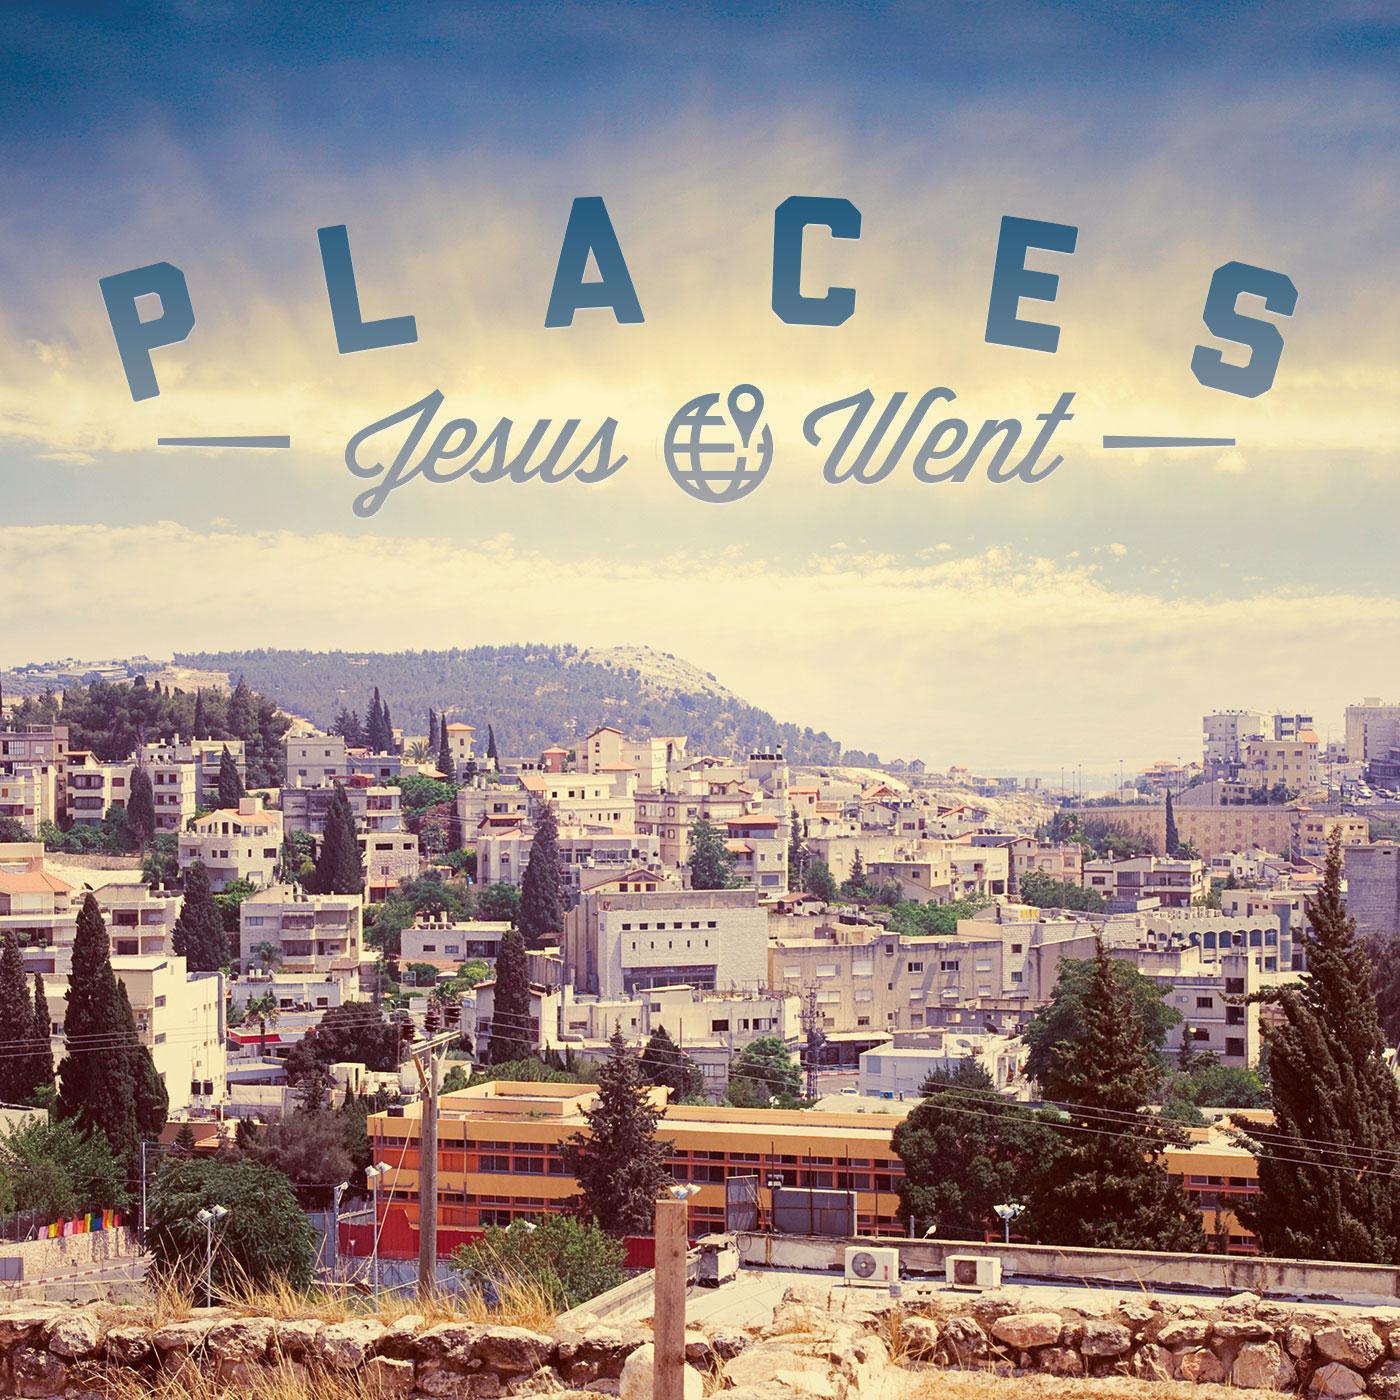 Places Jesus Went